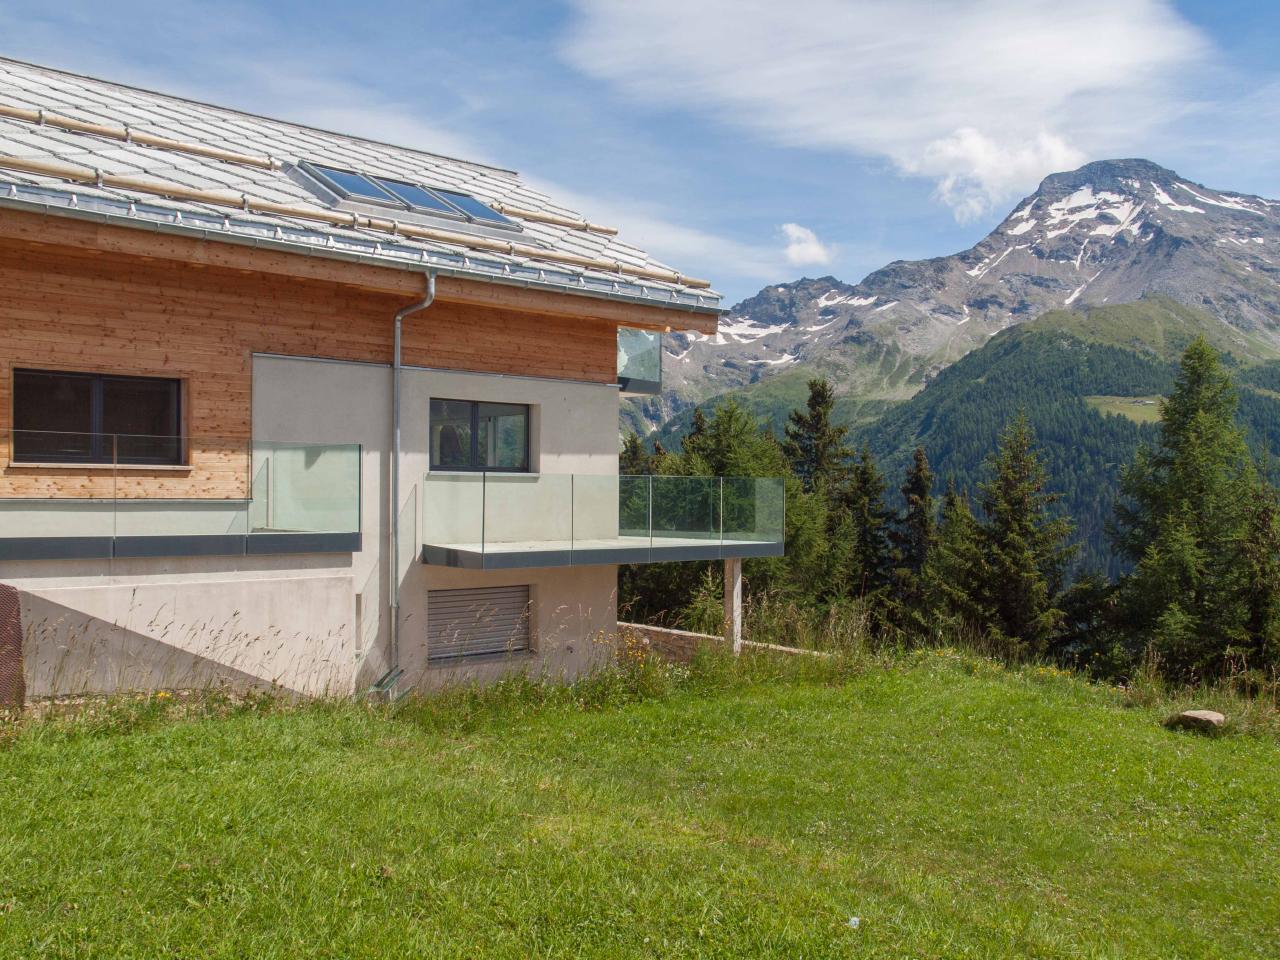 Ferienwohnung Chalet Avista moderne Ferienwohnung auf Rosswald im Wallis (2296310), Rosswald, Brig - Simplon, Wallis, Schweiz, Bild 9